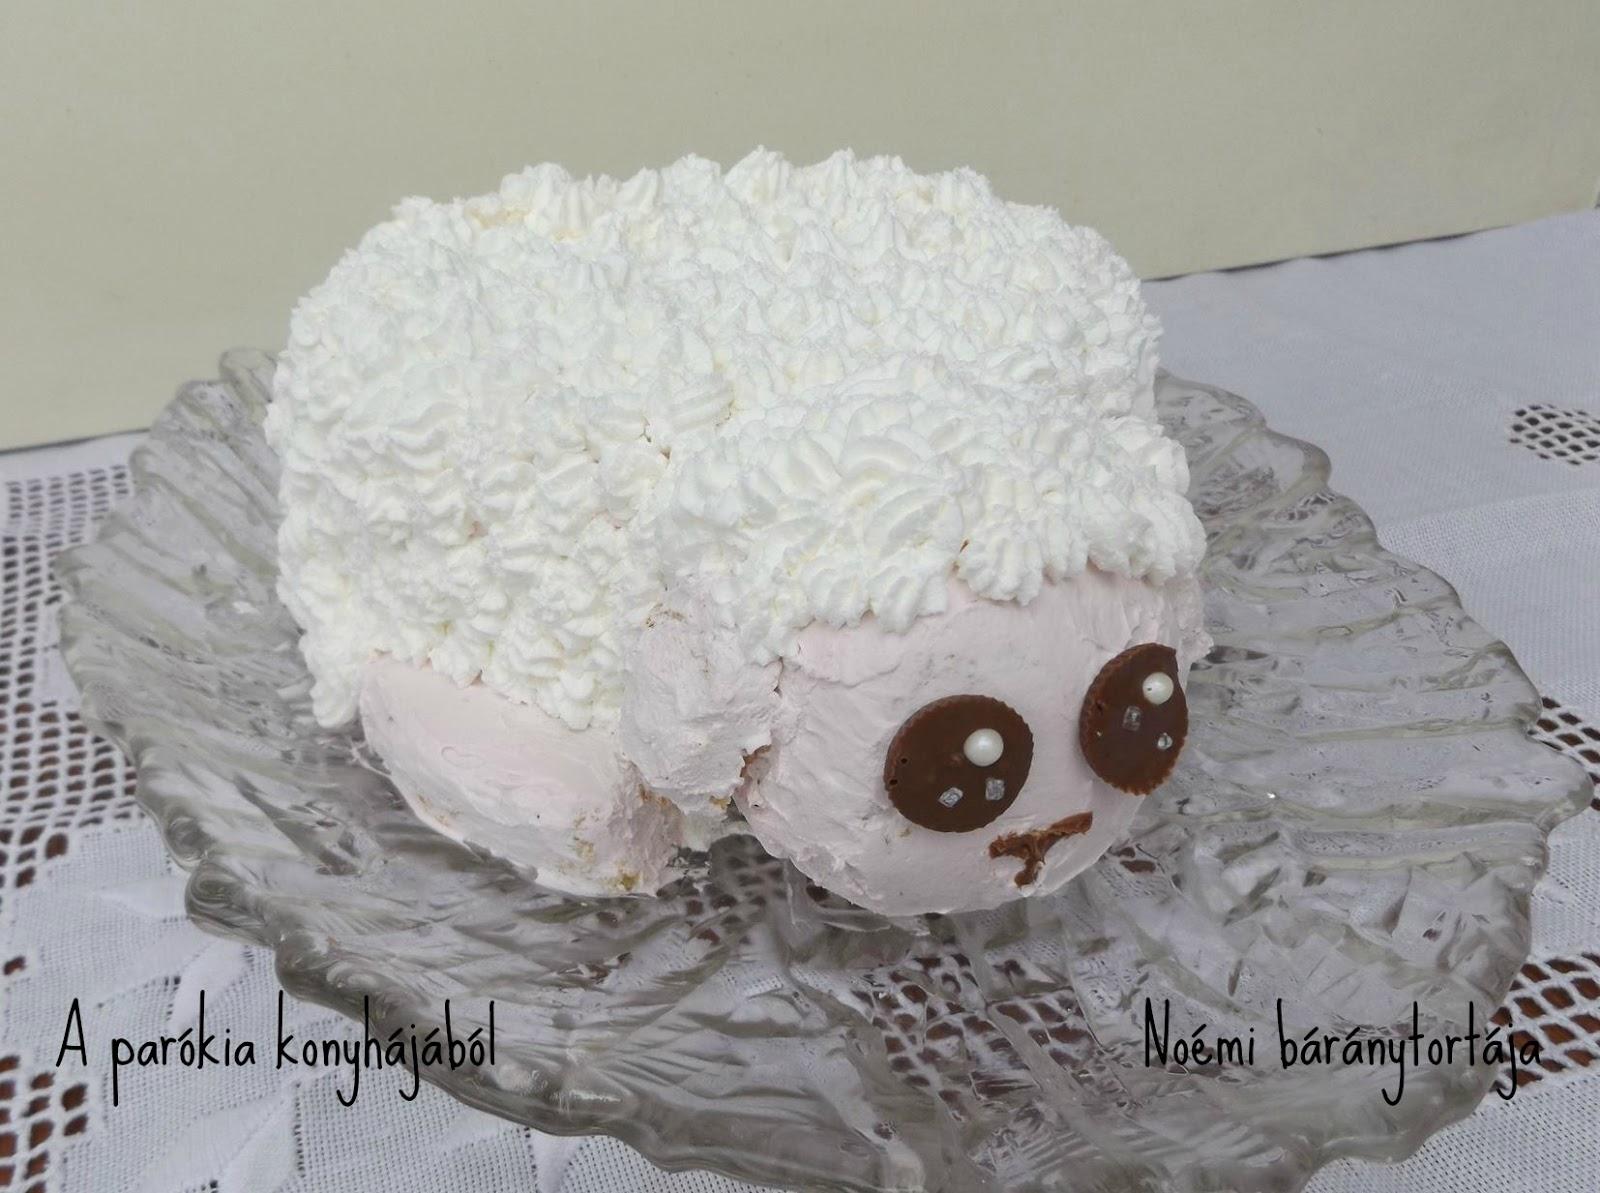 bárány torta képek A parókia konyháján túl: Húsvéti bárány torta JÁTÉKRA bárány torta képek